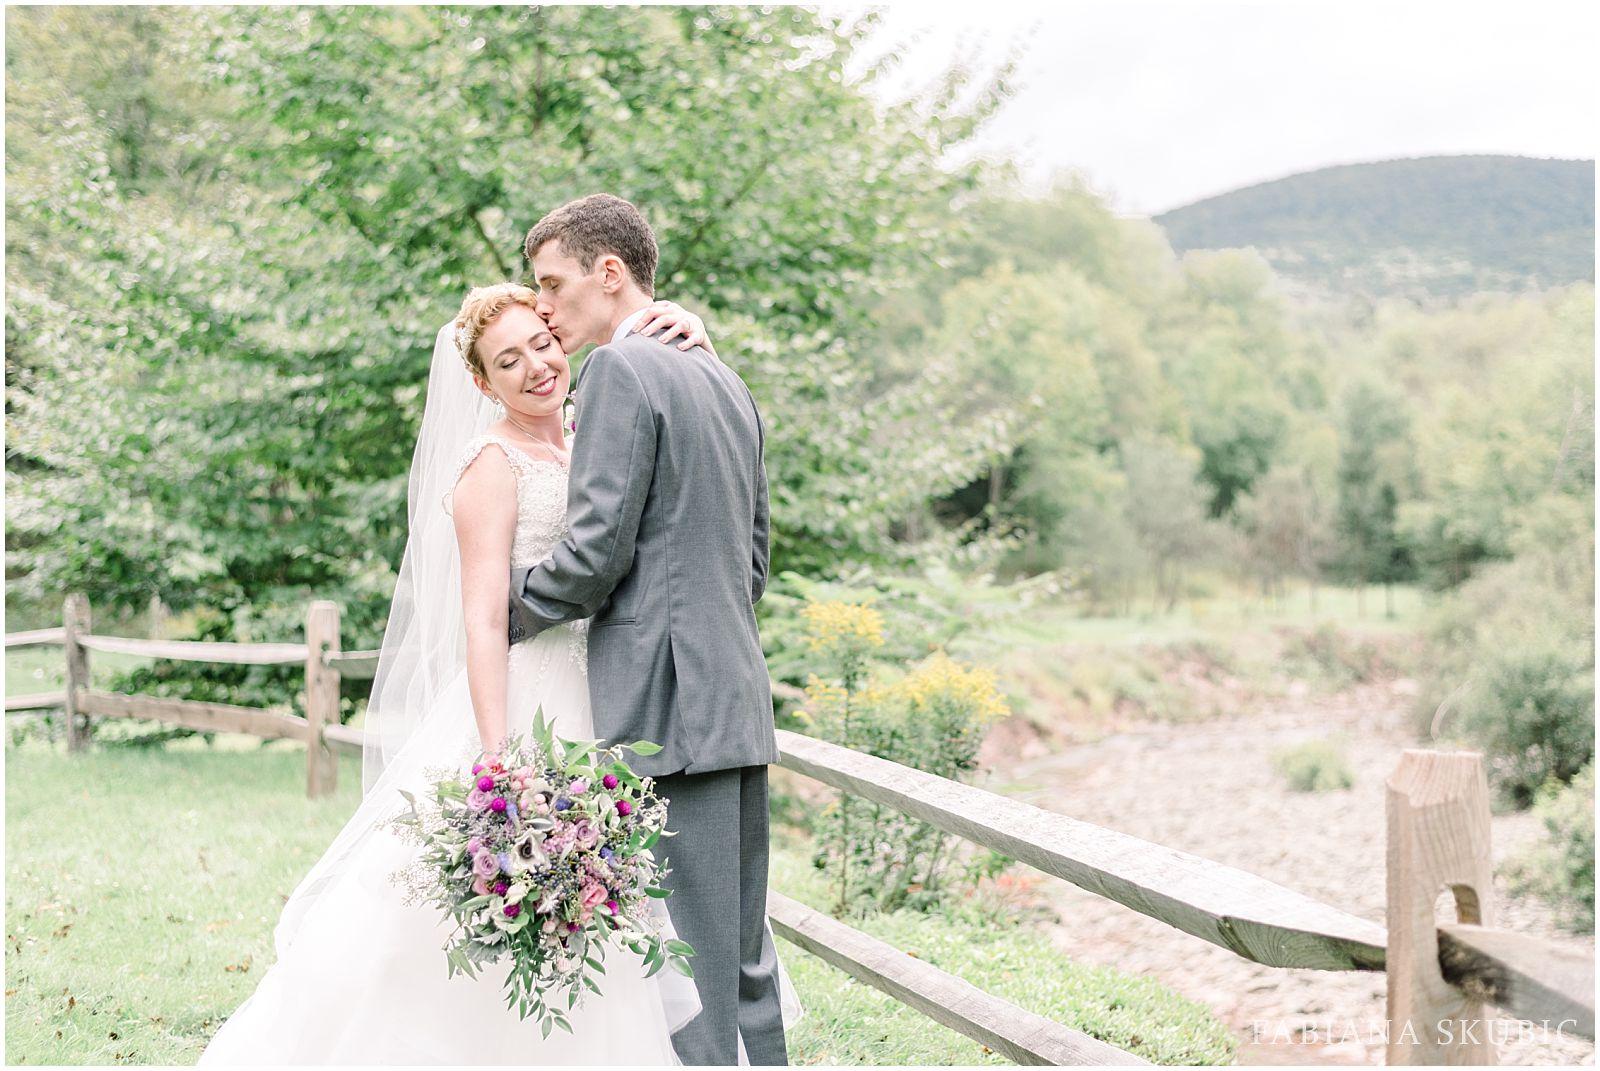 FabianaSkubic_J&M_FullMoonResort_Wedding_0036.jpg